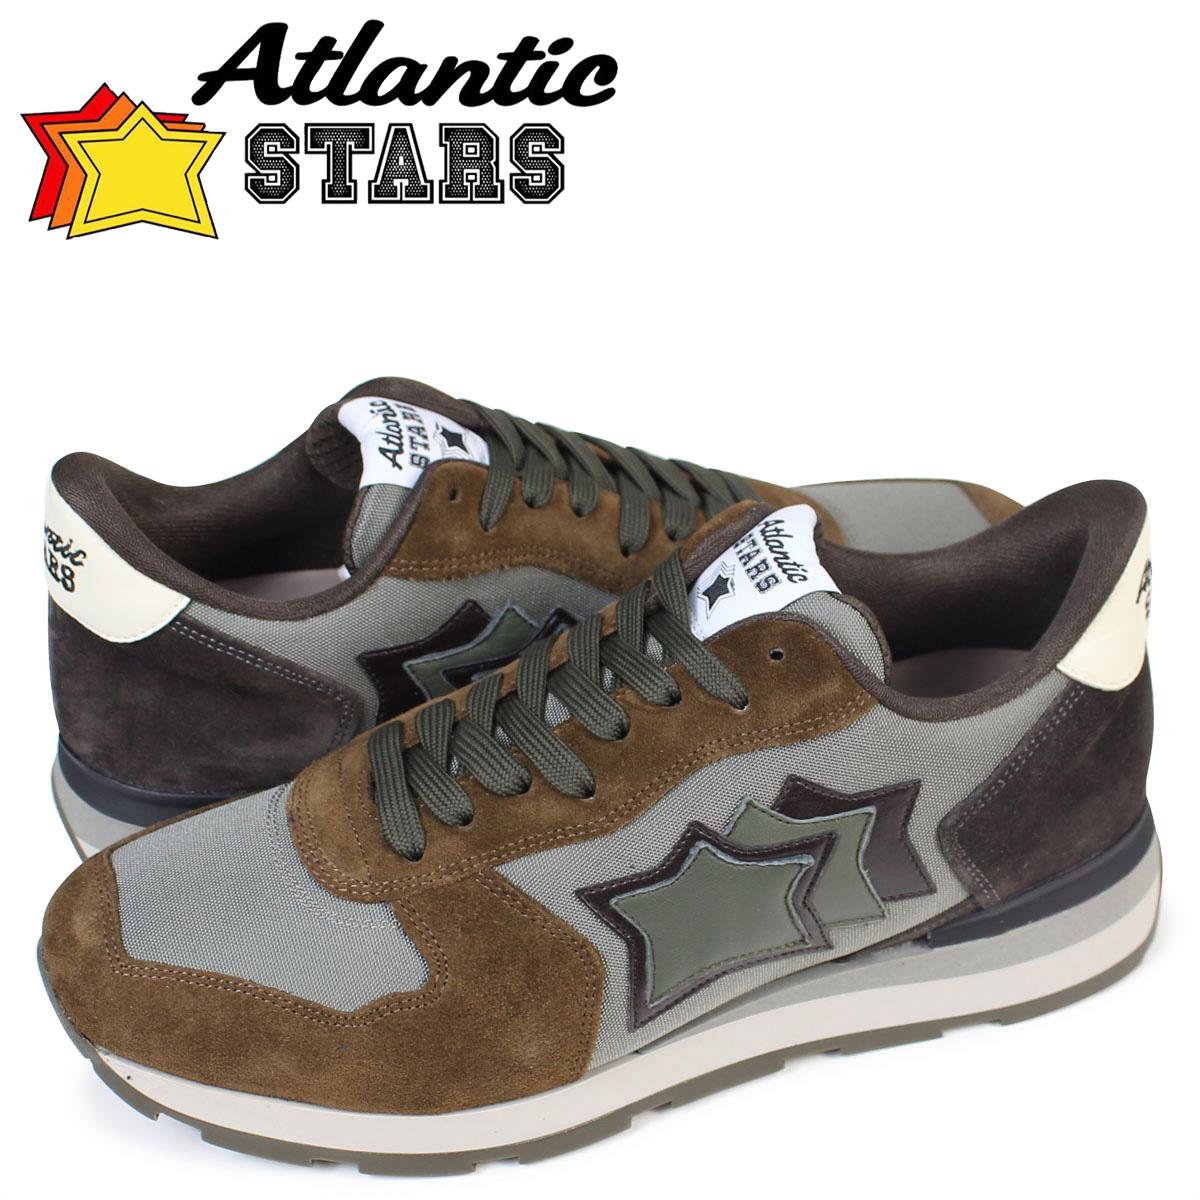 アトランティックスターズ メンズ スニーカー Atlantic STARS アンタレス ANTARES BMM 64N ブラウン 【決算セール 返品不可】